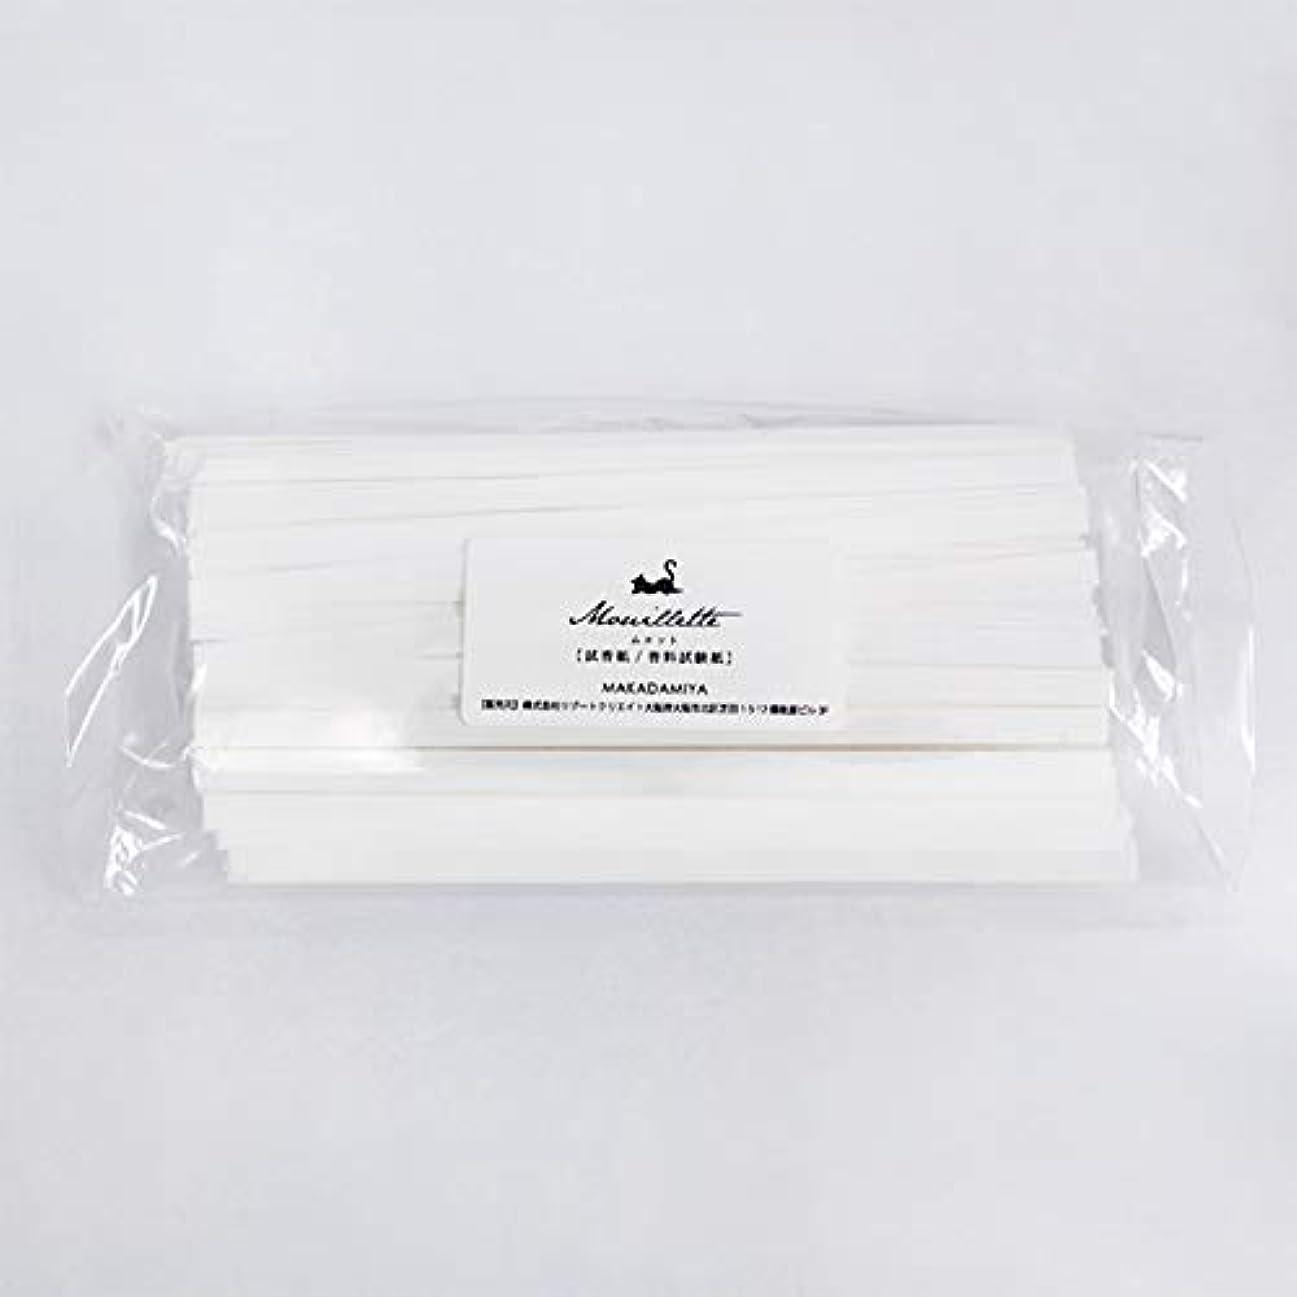 後端末八ムエット500本入り 大容量 プロ用(アロマ検定試験対応 試香紙 香料試験紙)